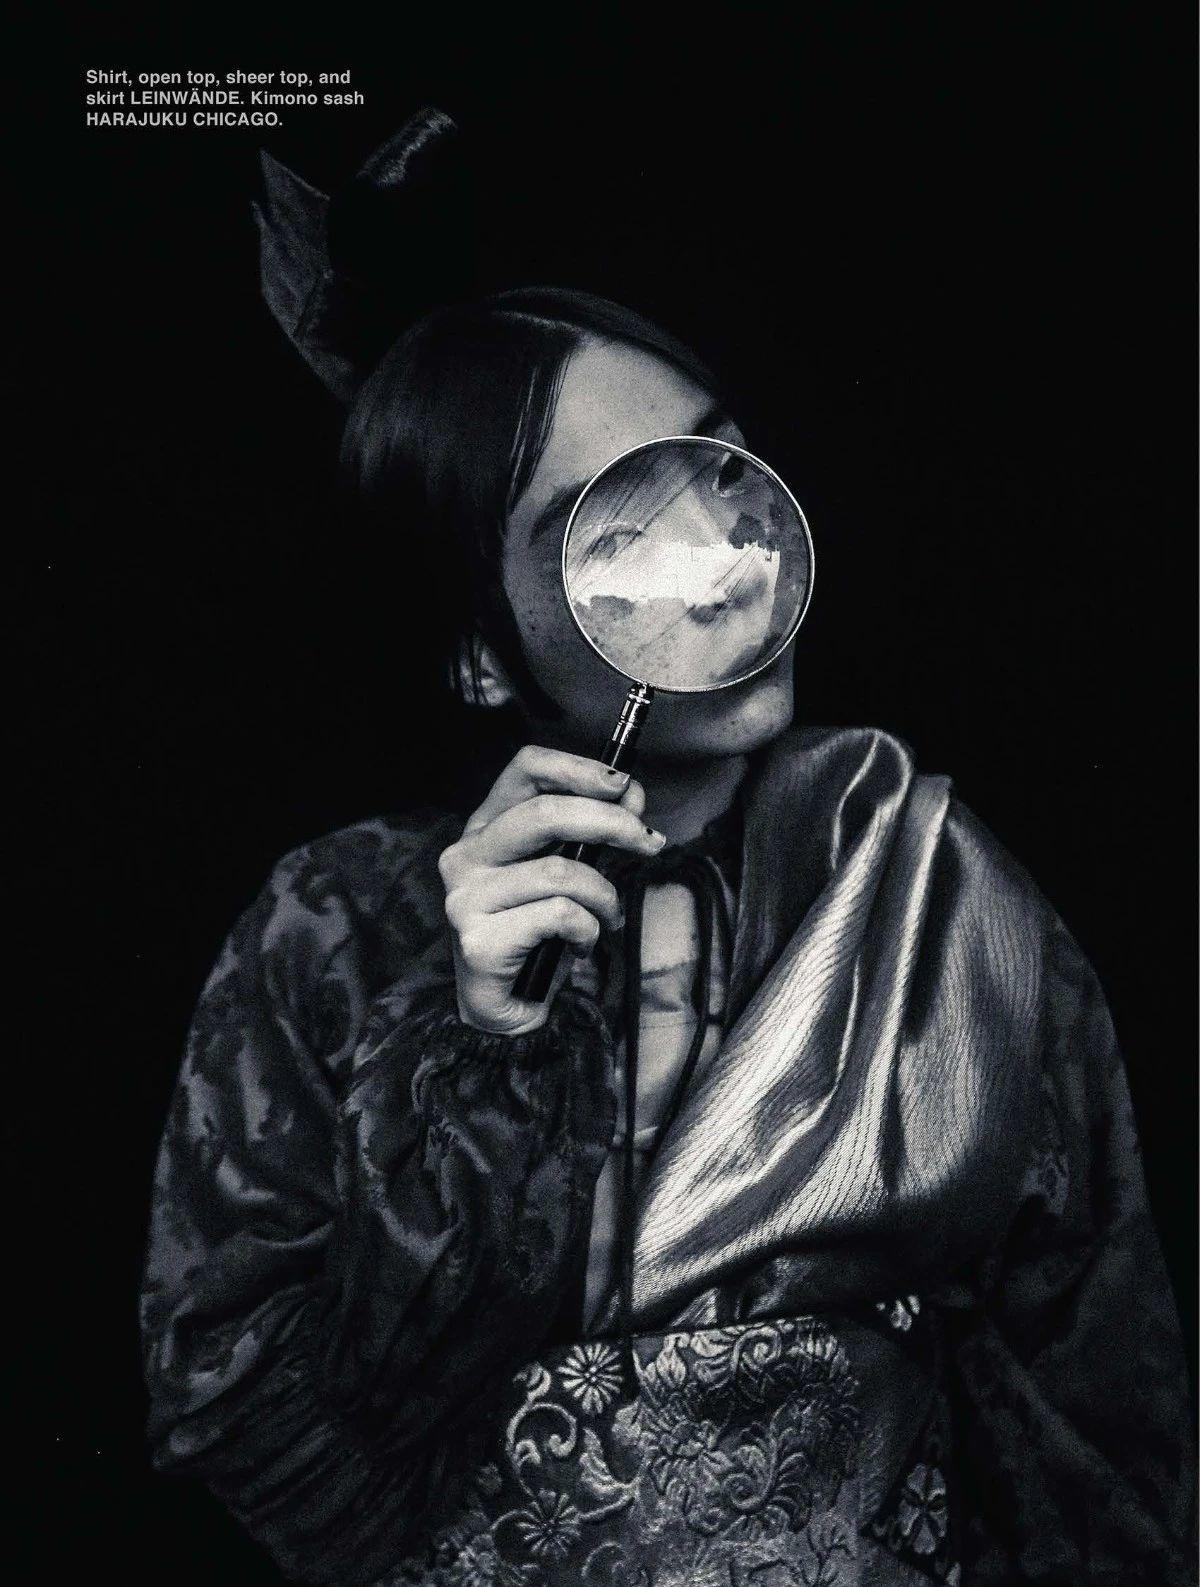 满脸雀斑却依旧很美的混血模特世理奈写真作品 (30)